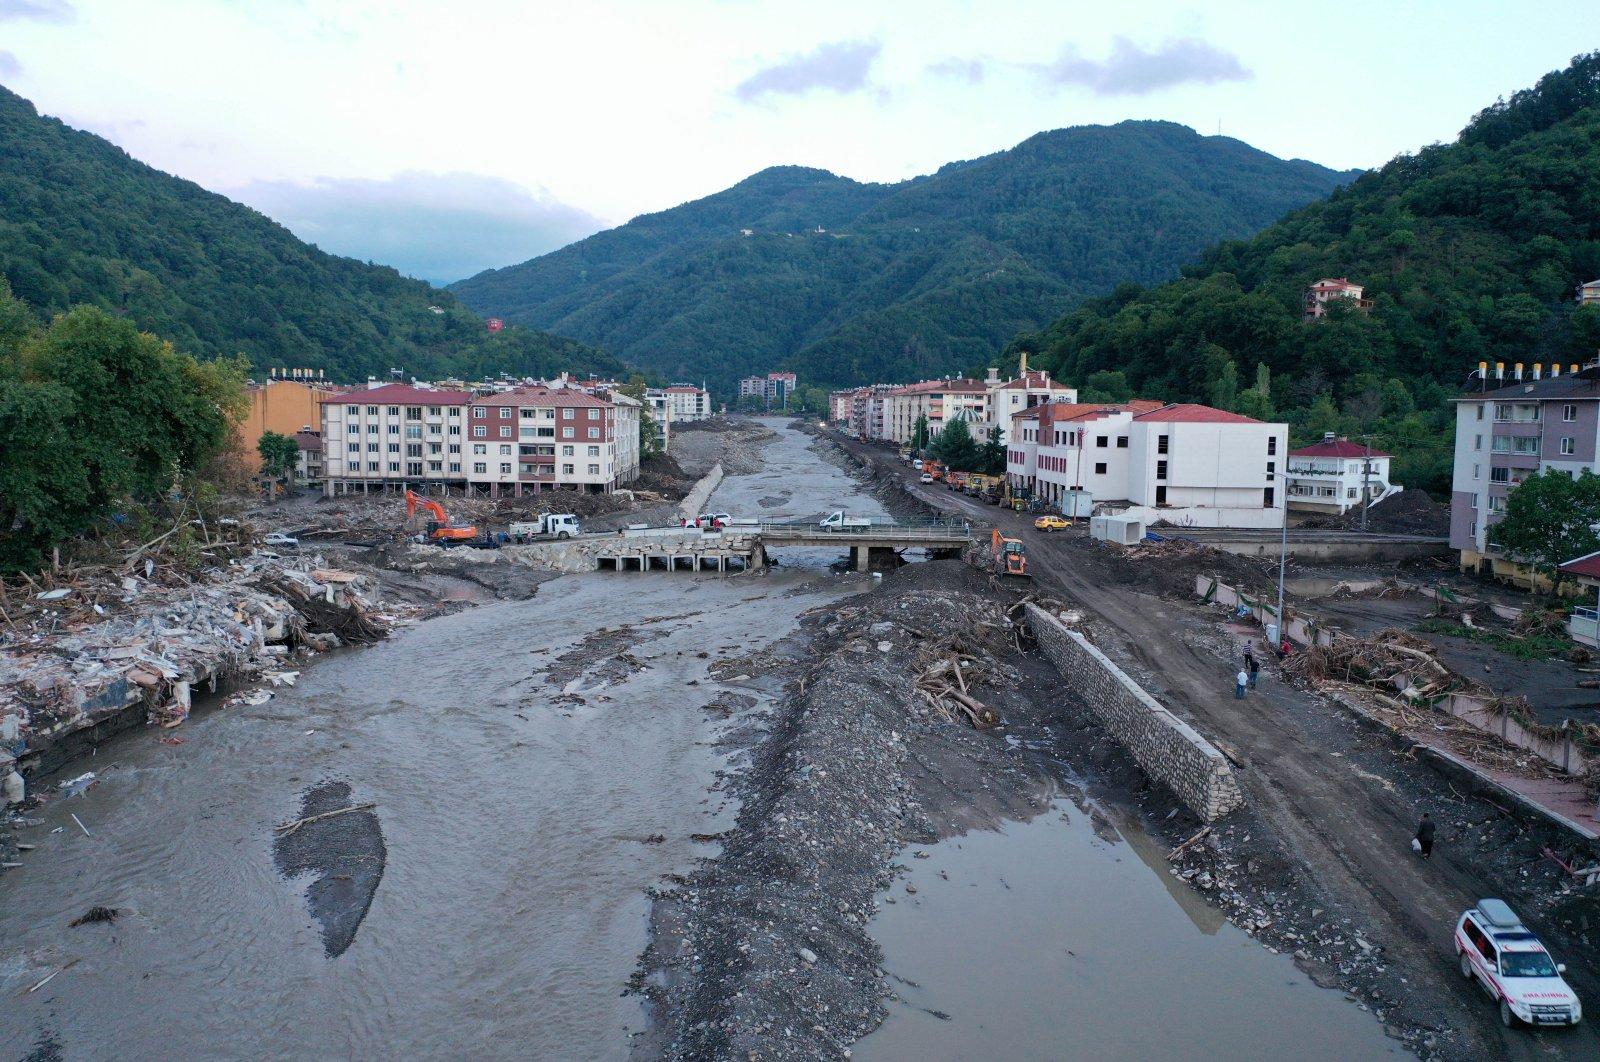 A view of Ezine stream strewn with debris left behind by floods, in Bozkurt district, in Kastamonu, northern Turkey, Aug. 24, 2021. (AA PHOTO)